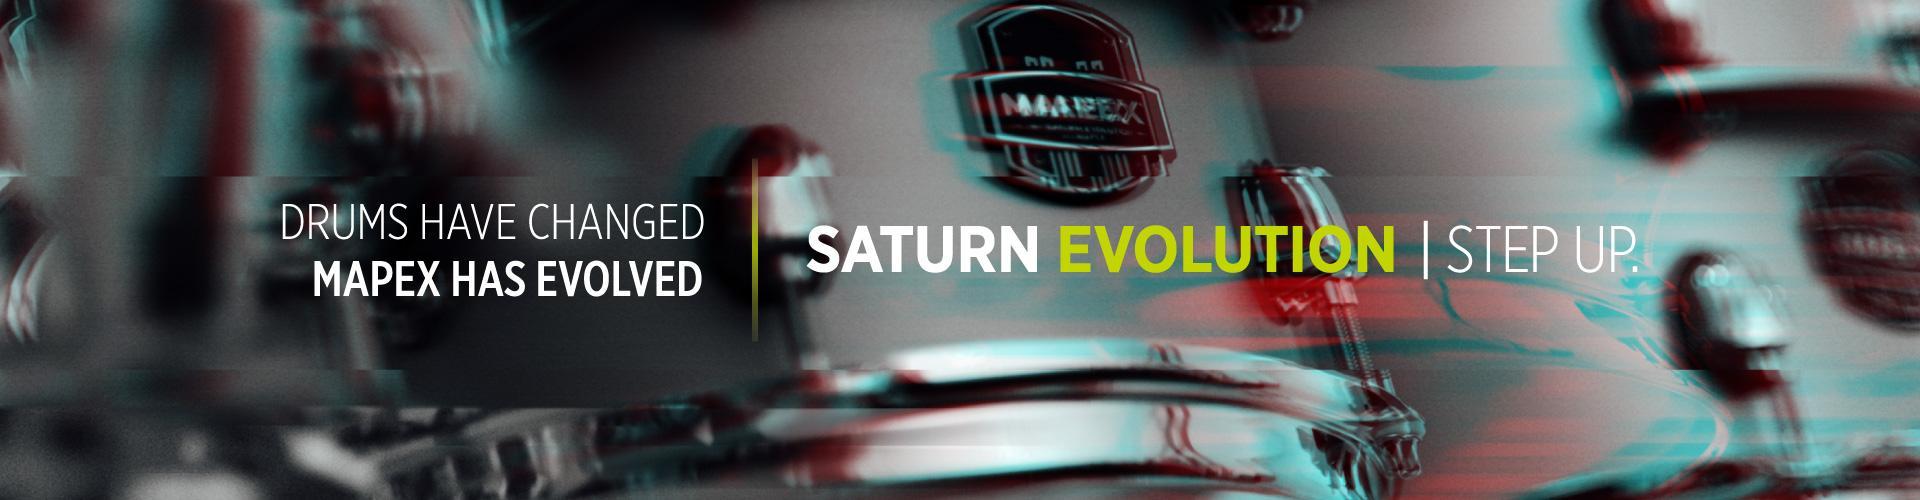 Saturn Evolution Teaser 1 - Step Up